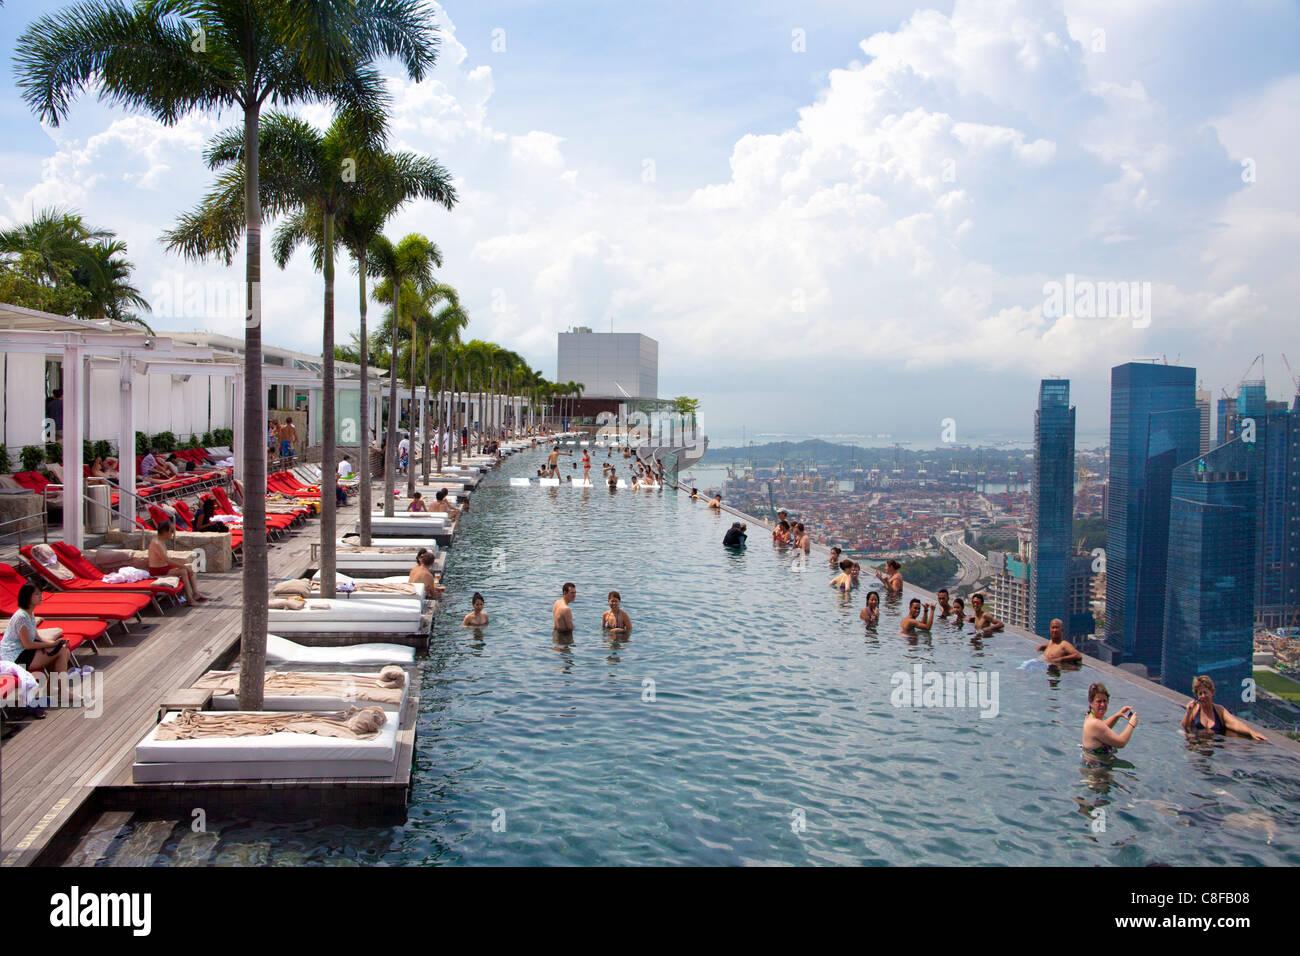 singapur asia marina bay hotel hotel piscina mirada mirada en el pueblo la ciudad el. Black Bedroom Furniture Sets. Home Design Ideas